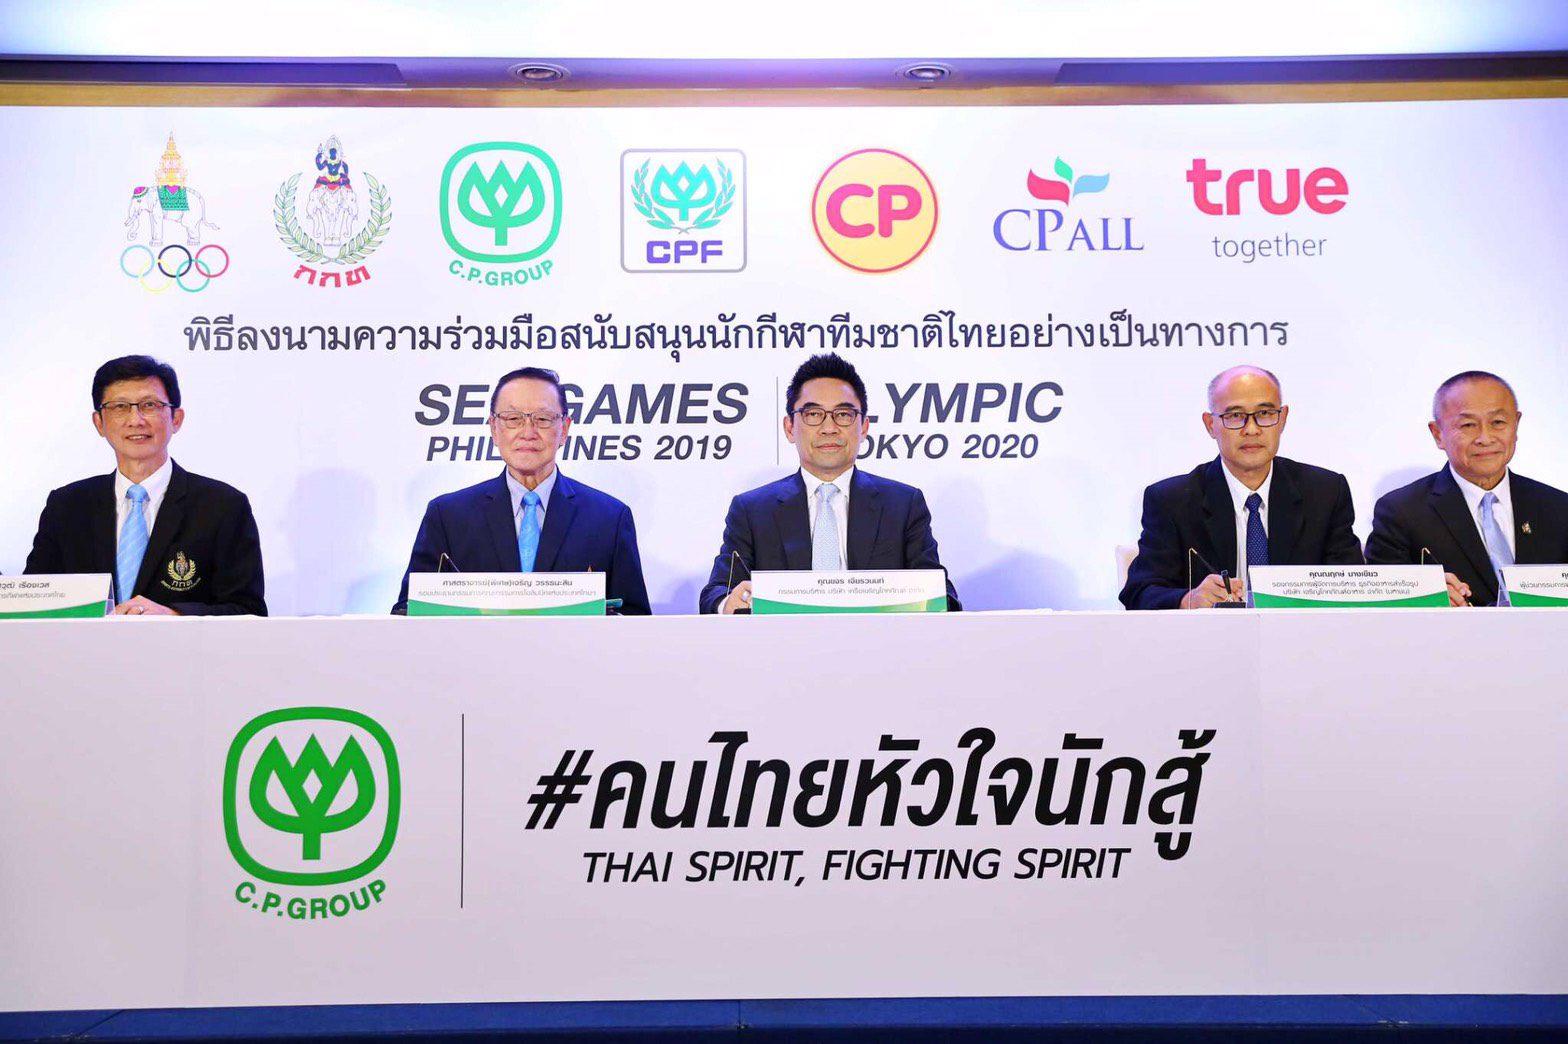 """""""เครือซีพี"""" หนุนทัพนักกีฬาไทยสู้ 2 ศึก """"ซีเกมส์-โอลิมปิก"""" จัดเต็มทั้งอาหารและการสื่อสาร"""